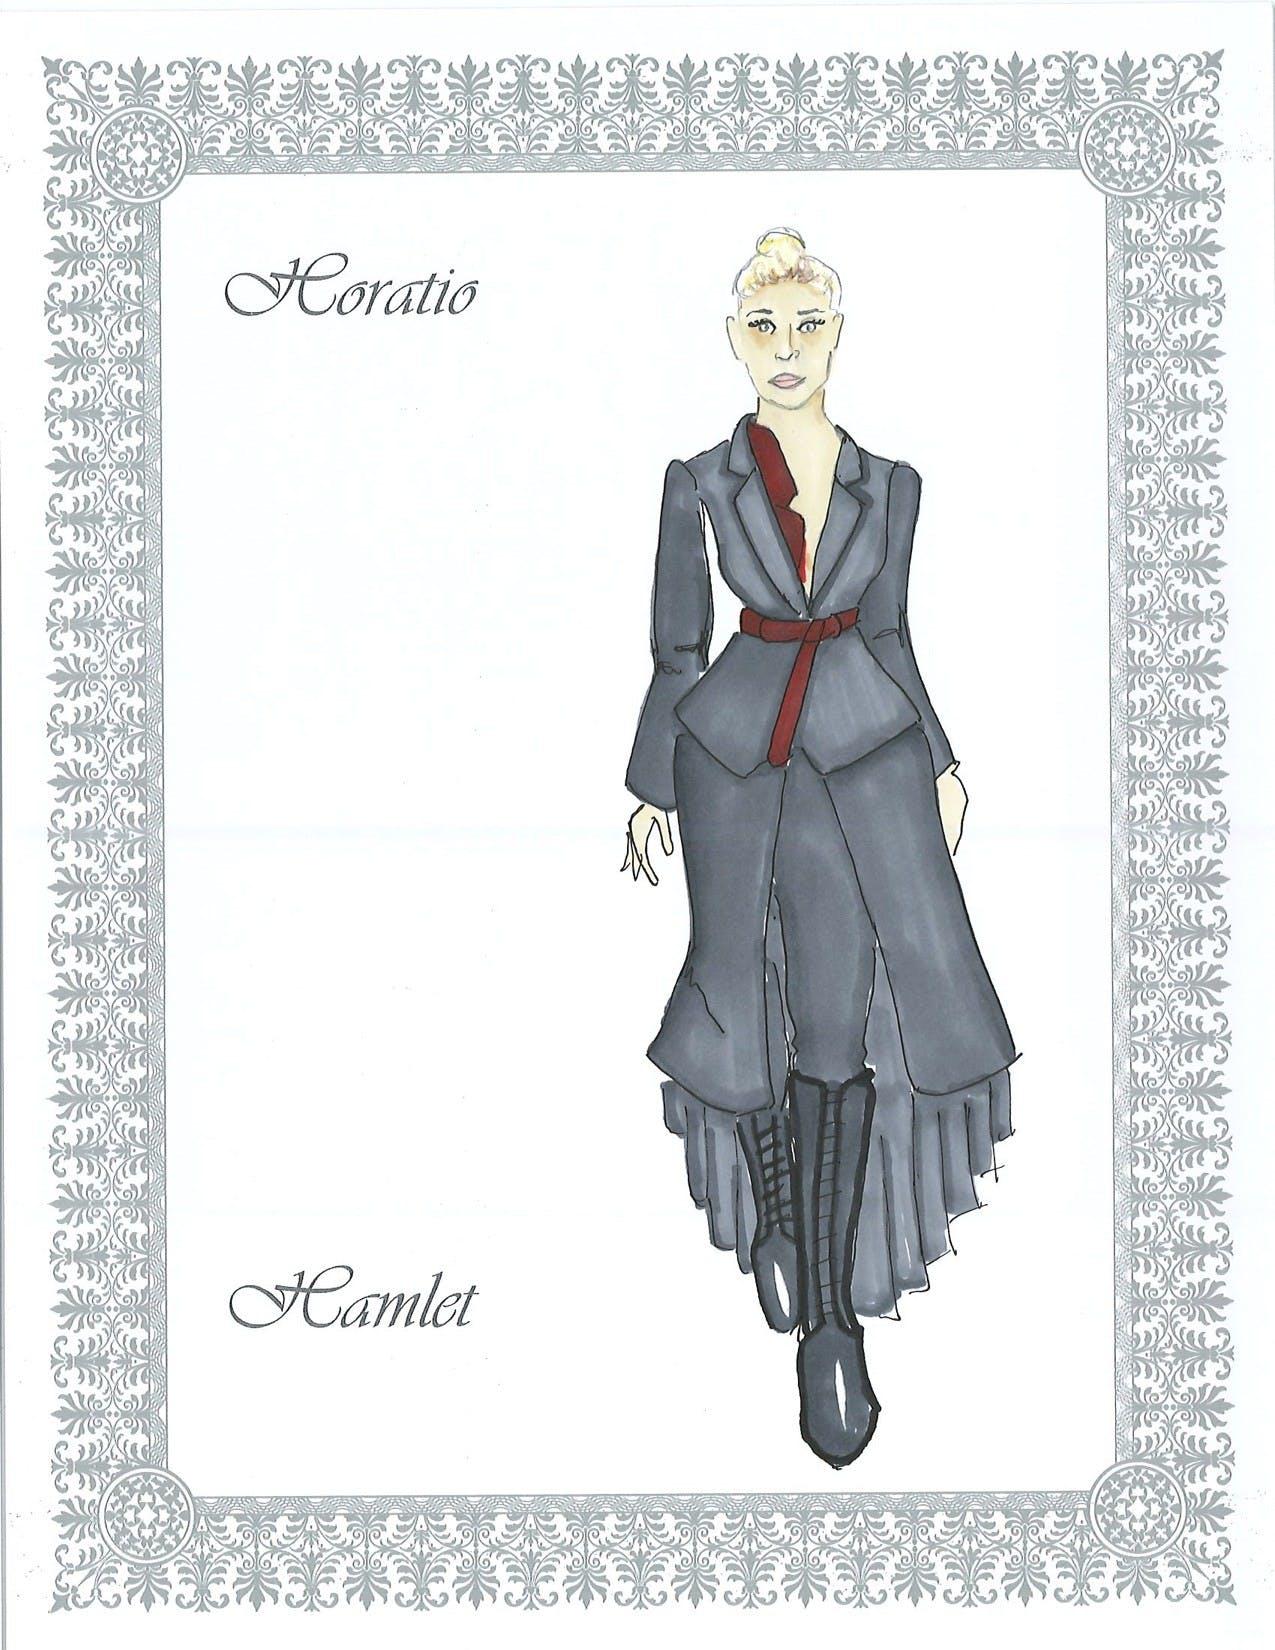 Horatio costume design